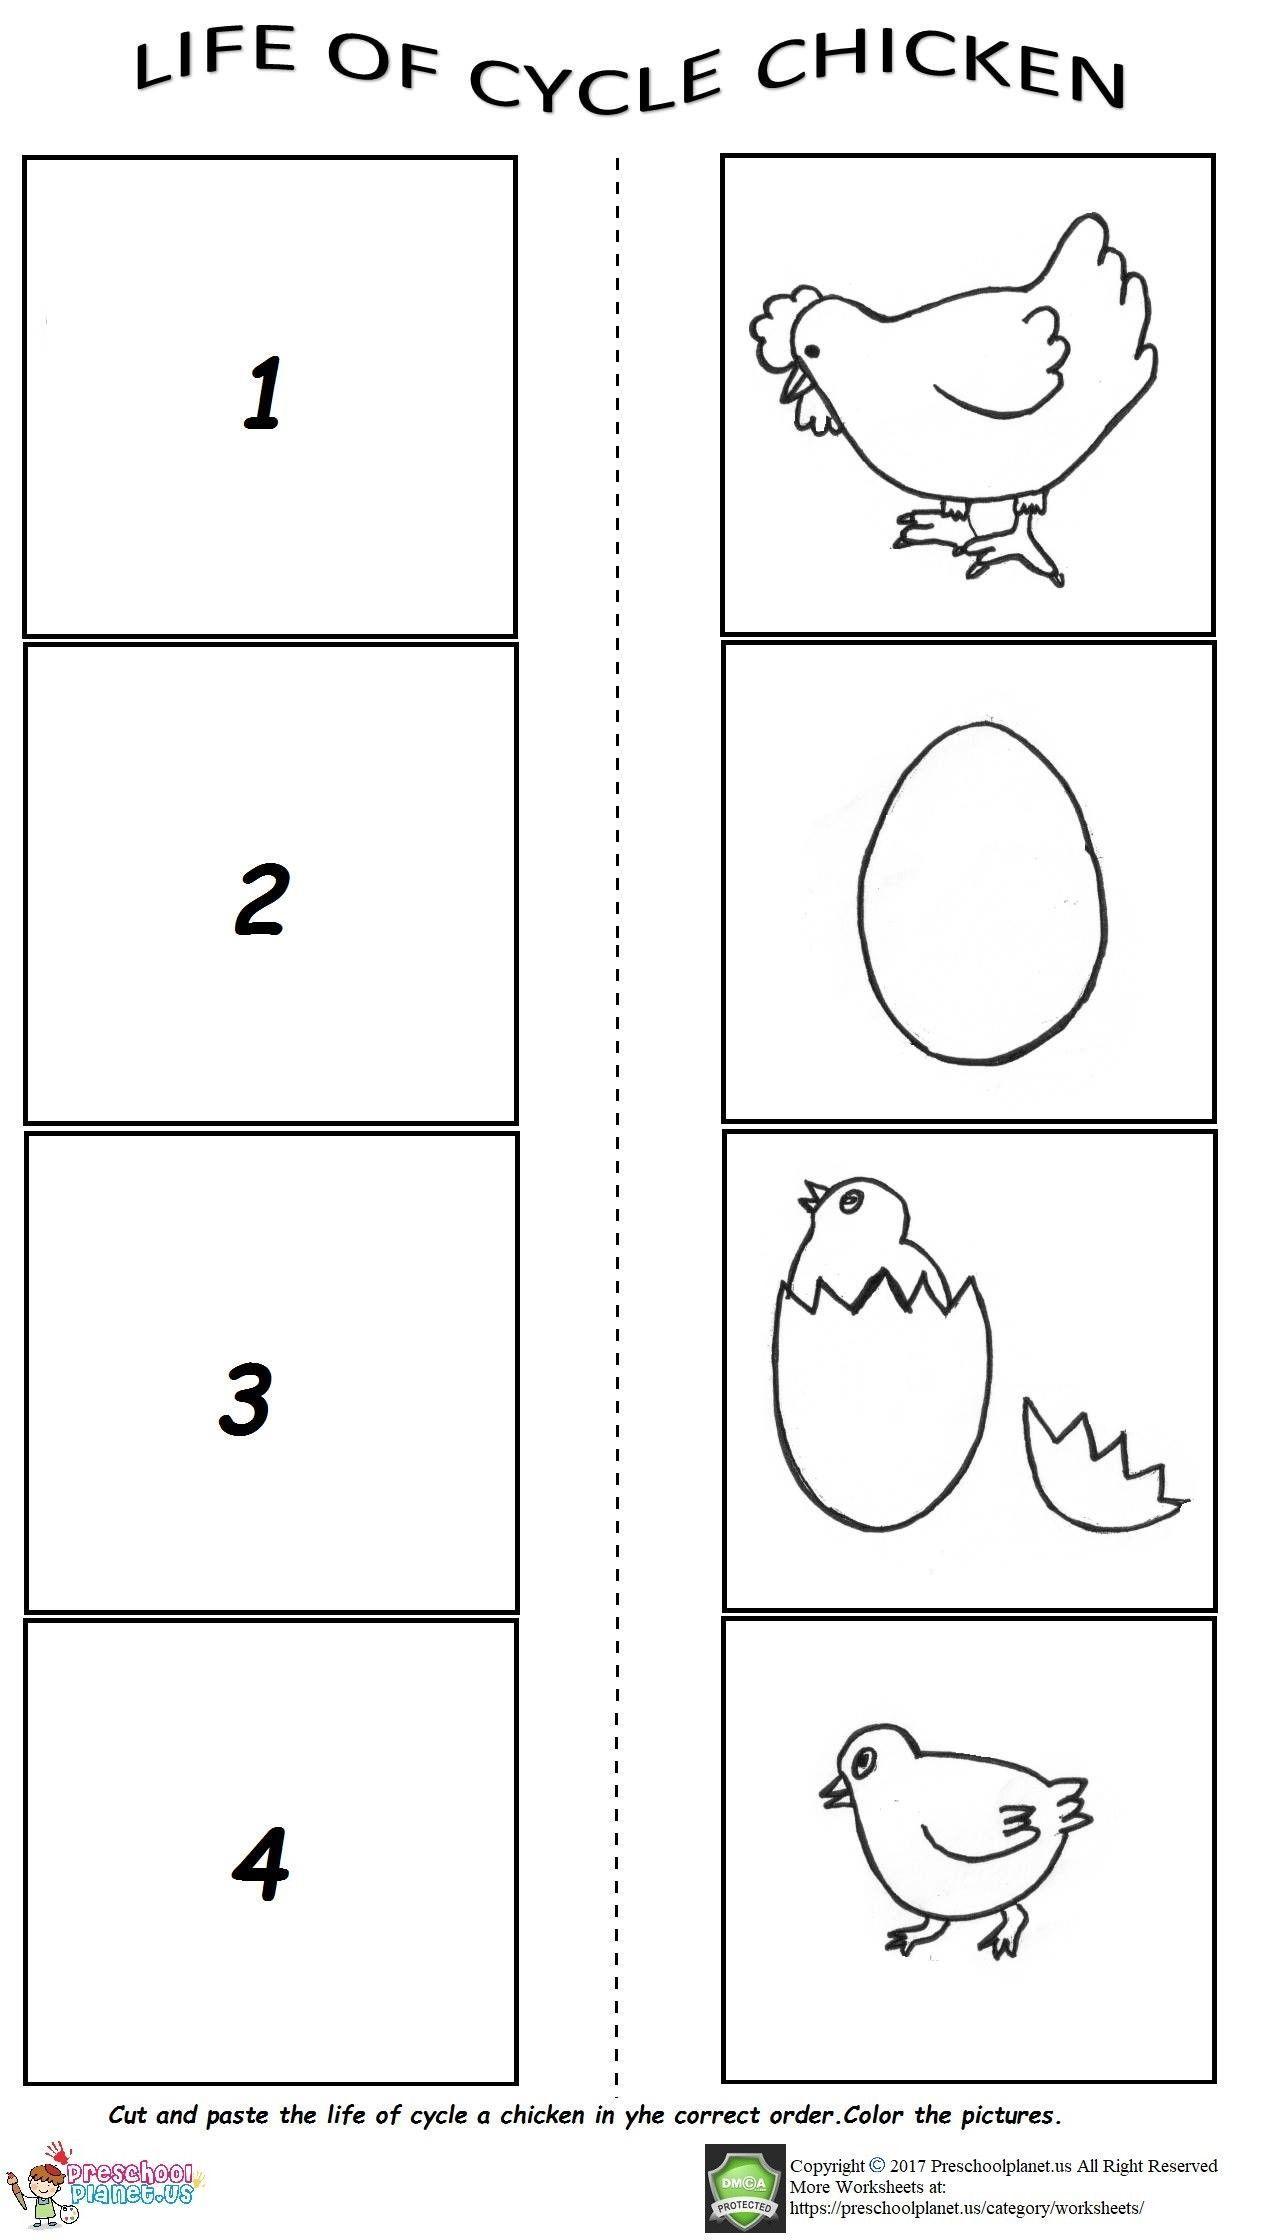 Pin Di Aalia Adamjee Su School Le Idee Della Scuola Coursdematernelle Kindergartenscienceles In 2020 Life Cycles Preschool Worksheets Life Cycles Preschool [ 2240 x 1273 Pixel ]